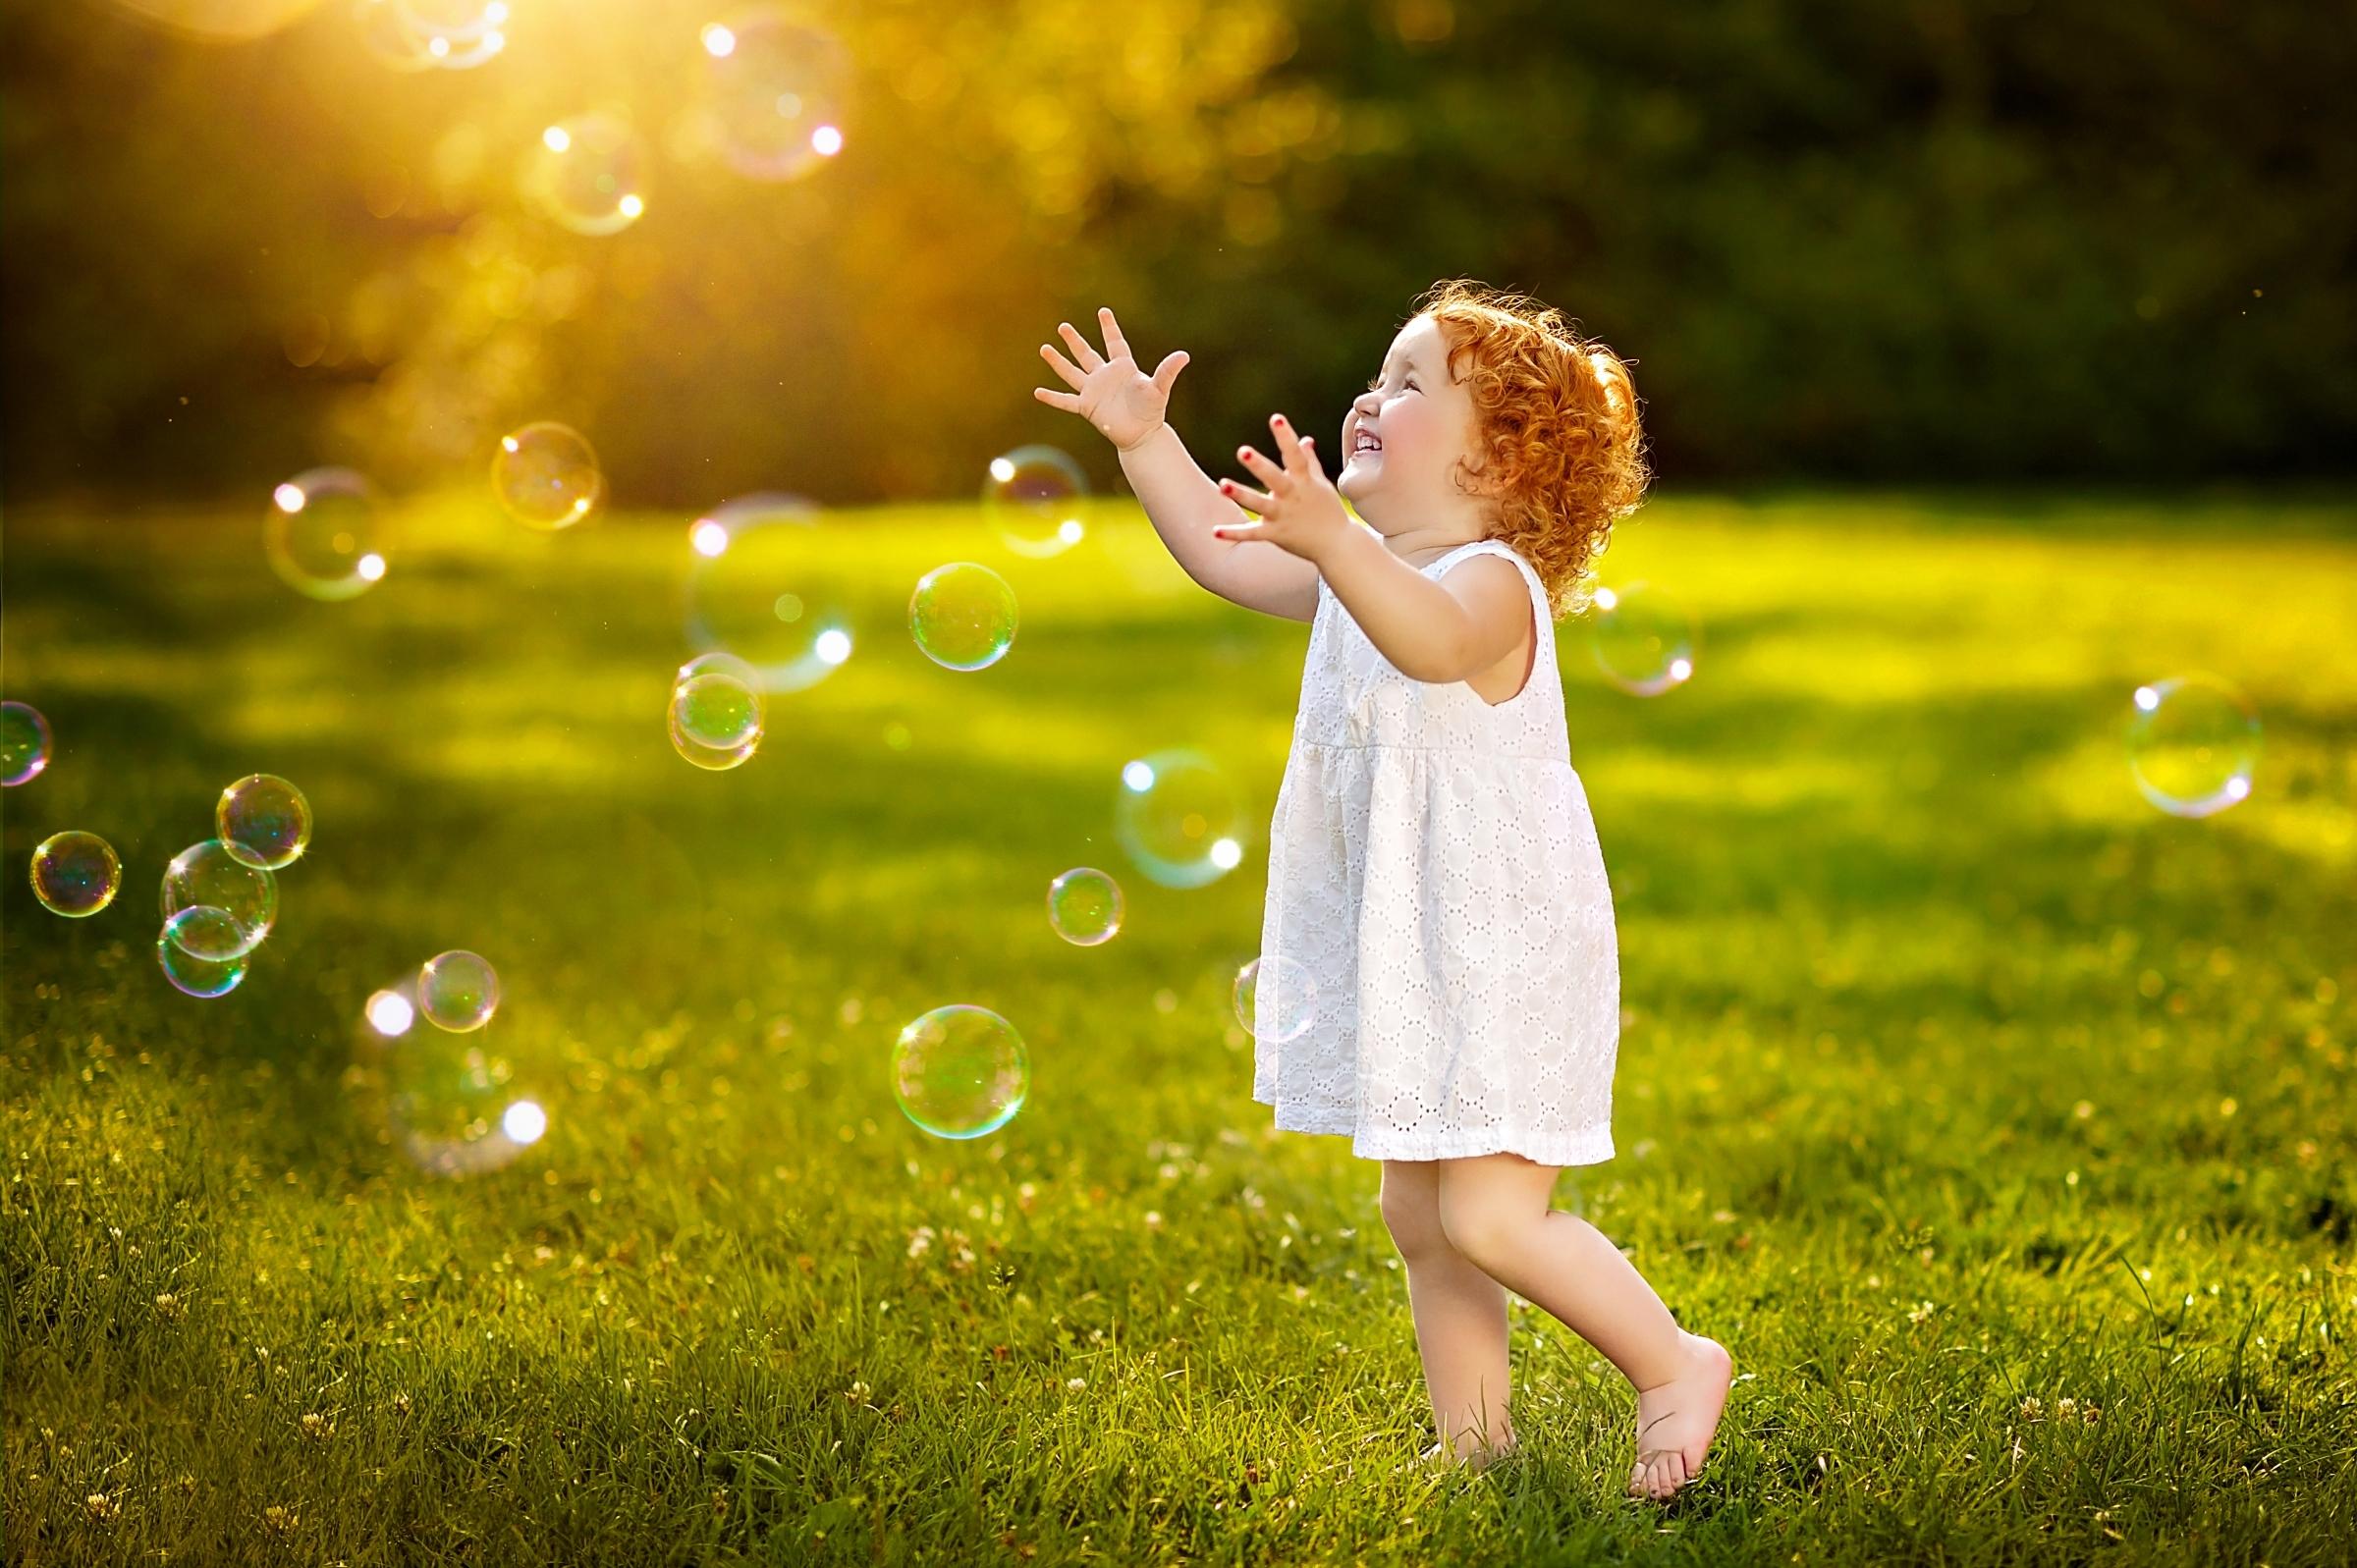 счастье маленькое и большое картинки сохранить временную версию